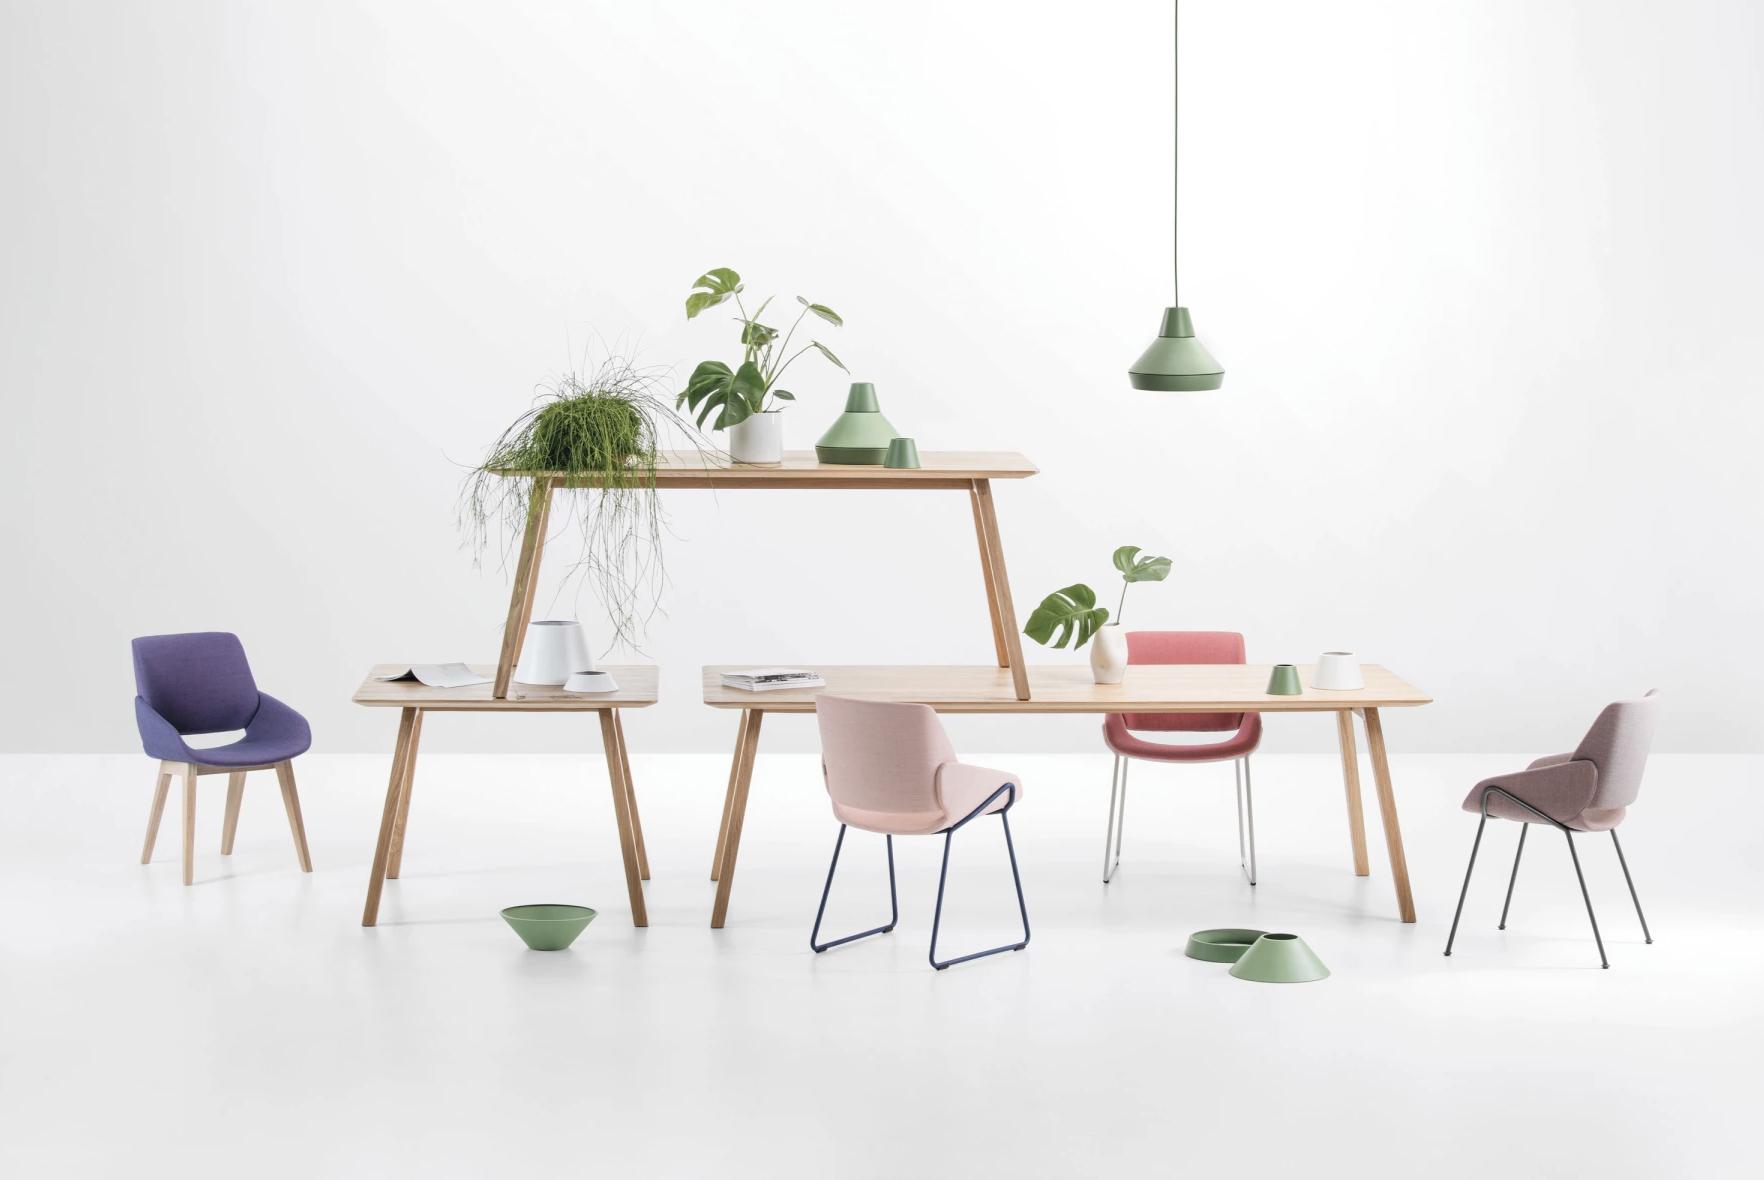 chaise design sur mesure lm 1 l 39 autre maison. Black Bedroom Furniture Sets. Home Design Ideas